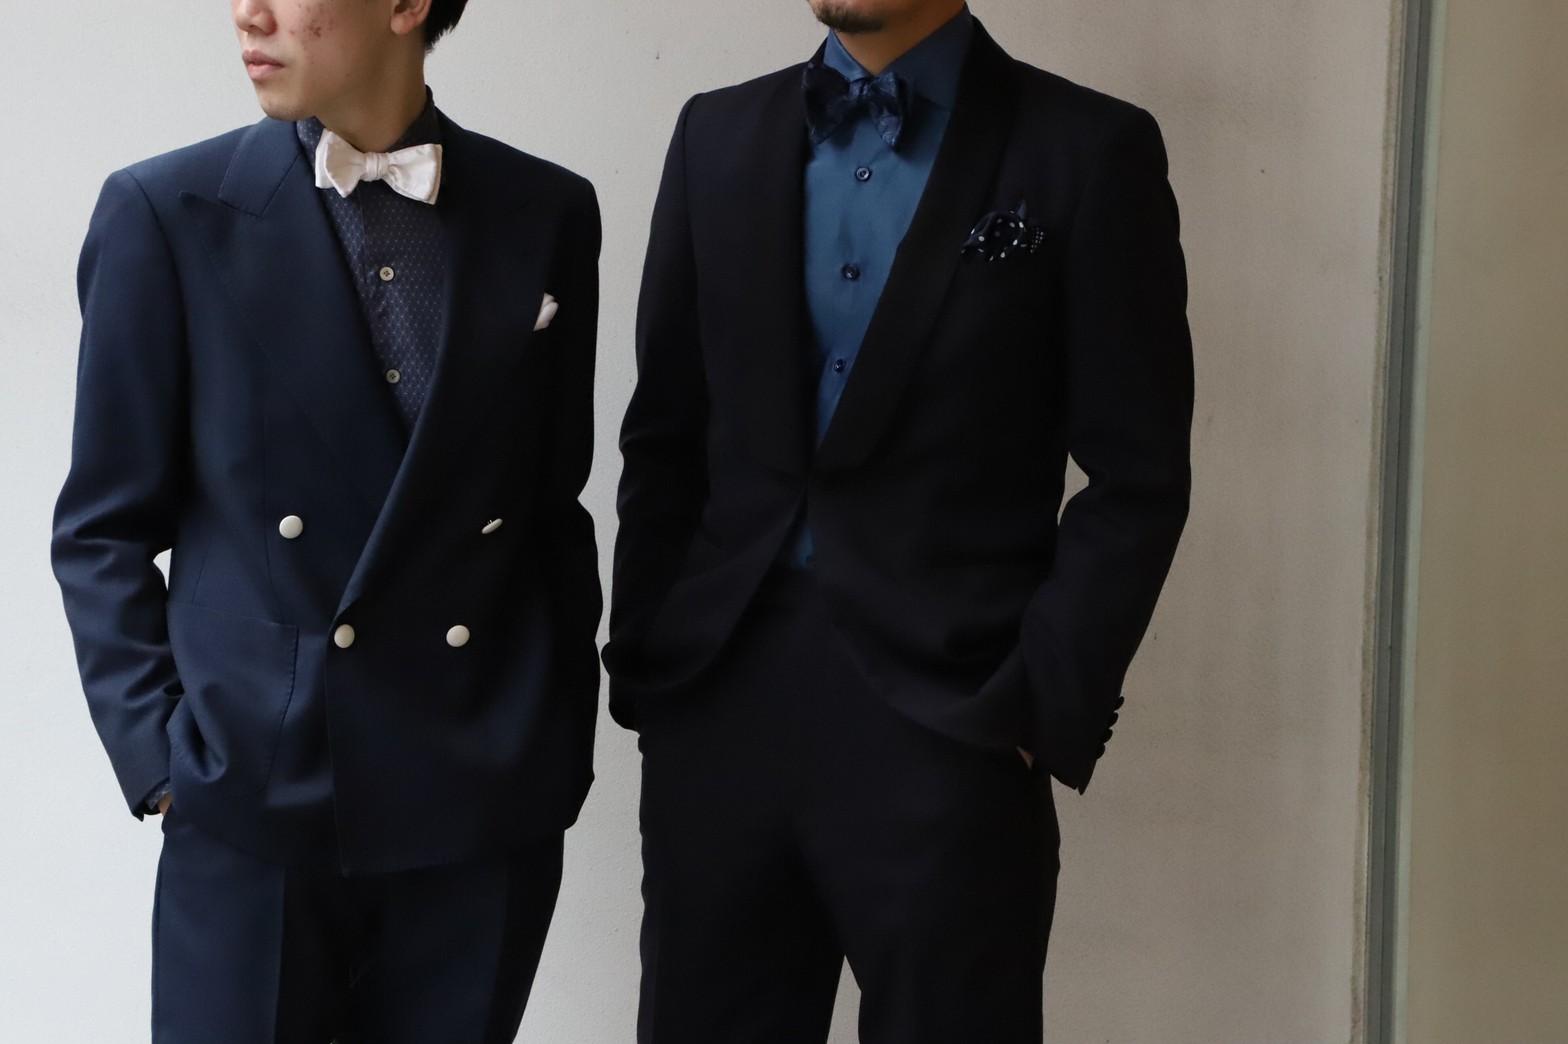 ザトリートドレッシング京都店がご紹介するご新郎様におすすめのイタリアブランドのエリコフォルミコラのシャツです。